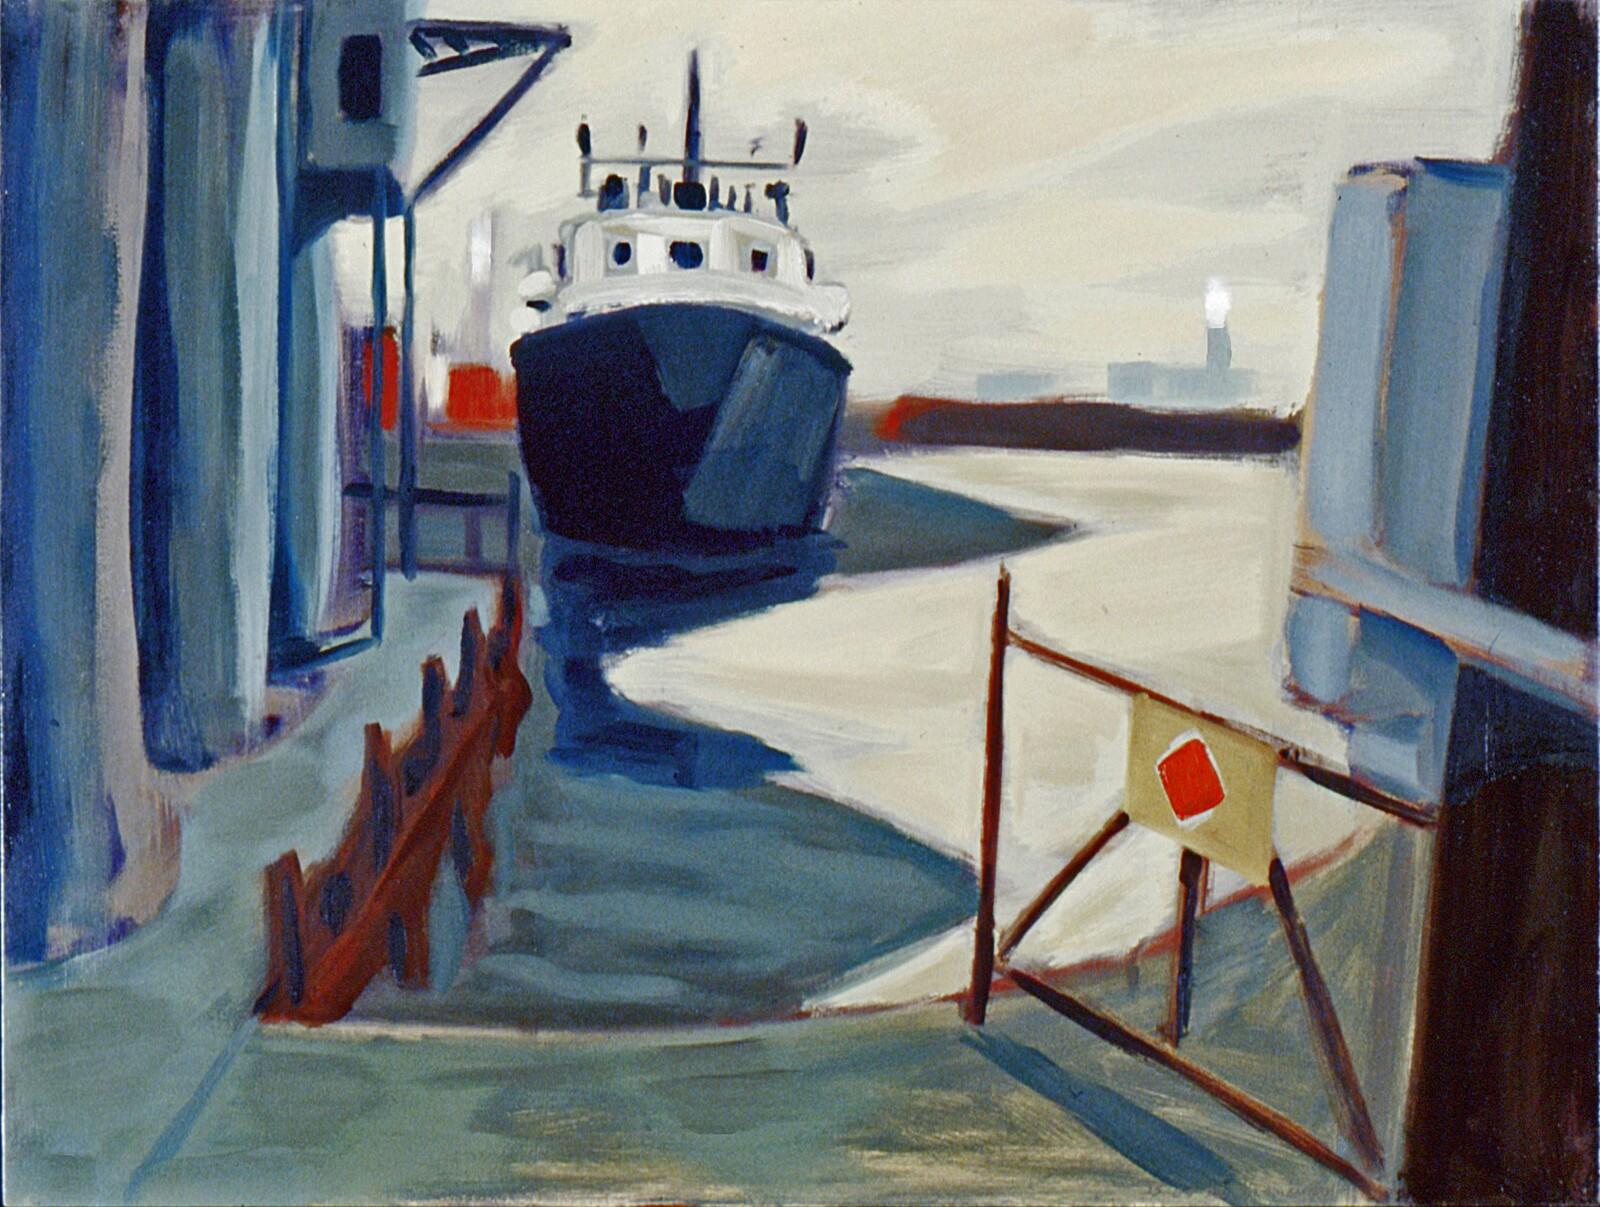 1992 paintings